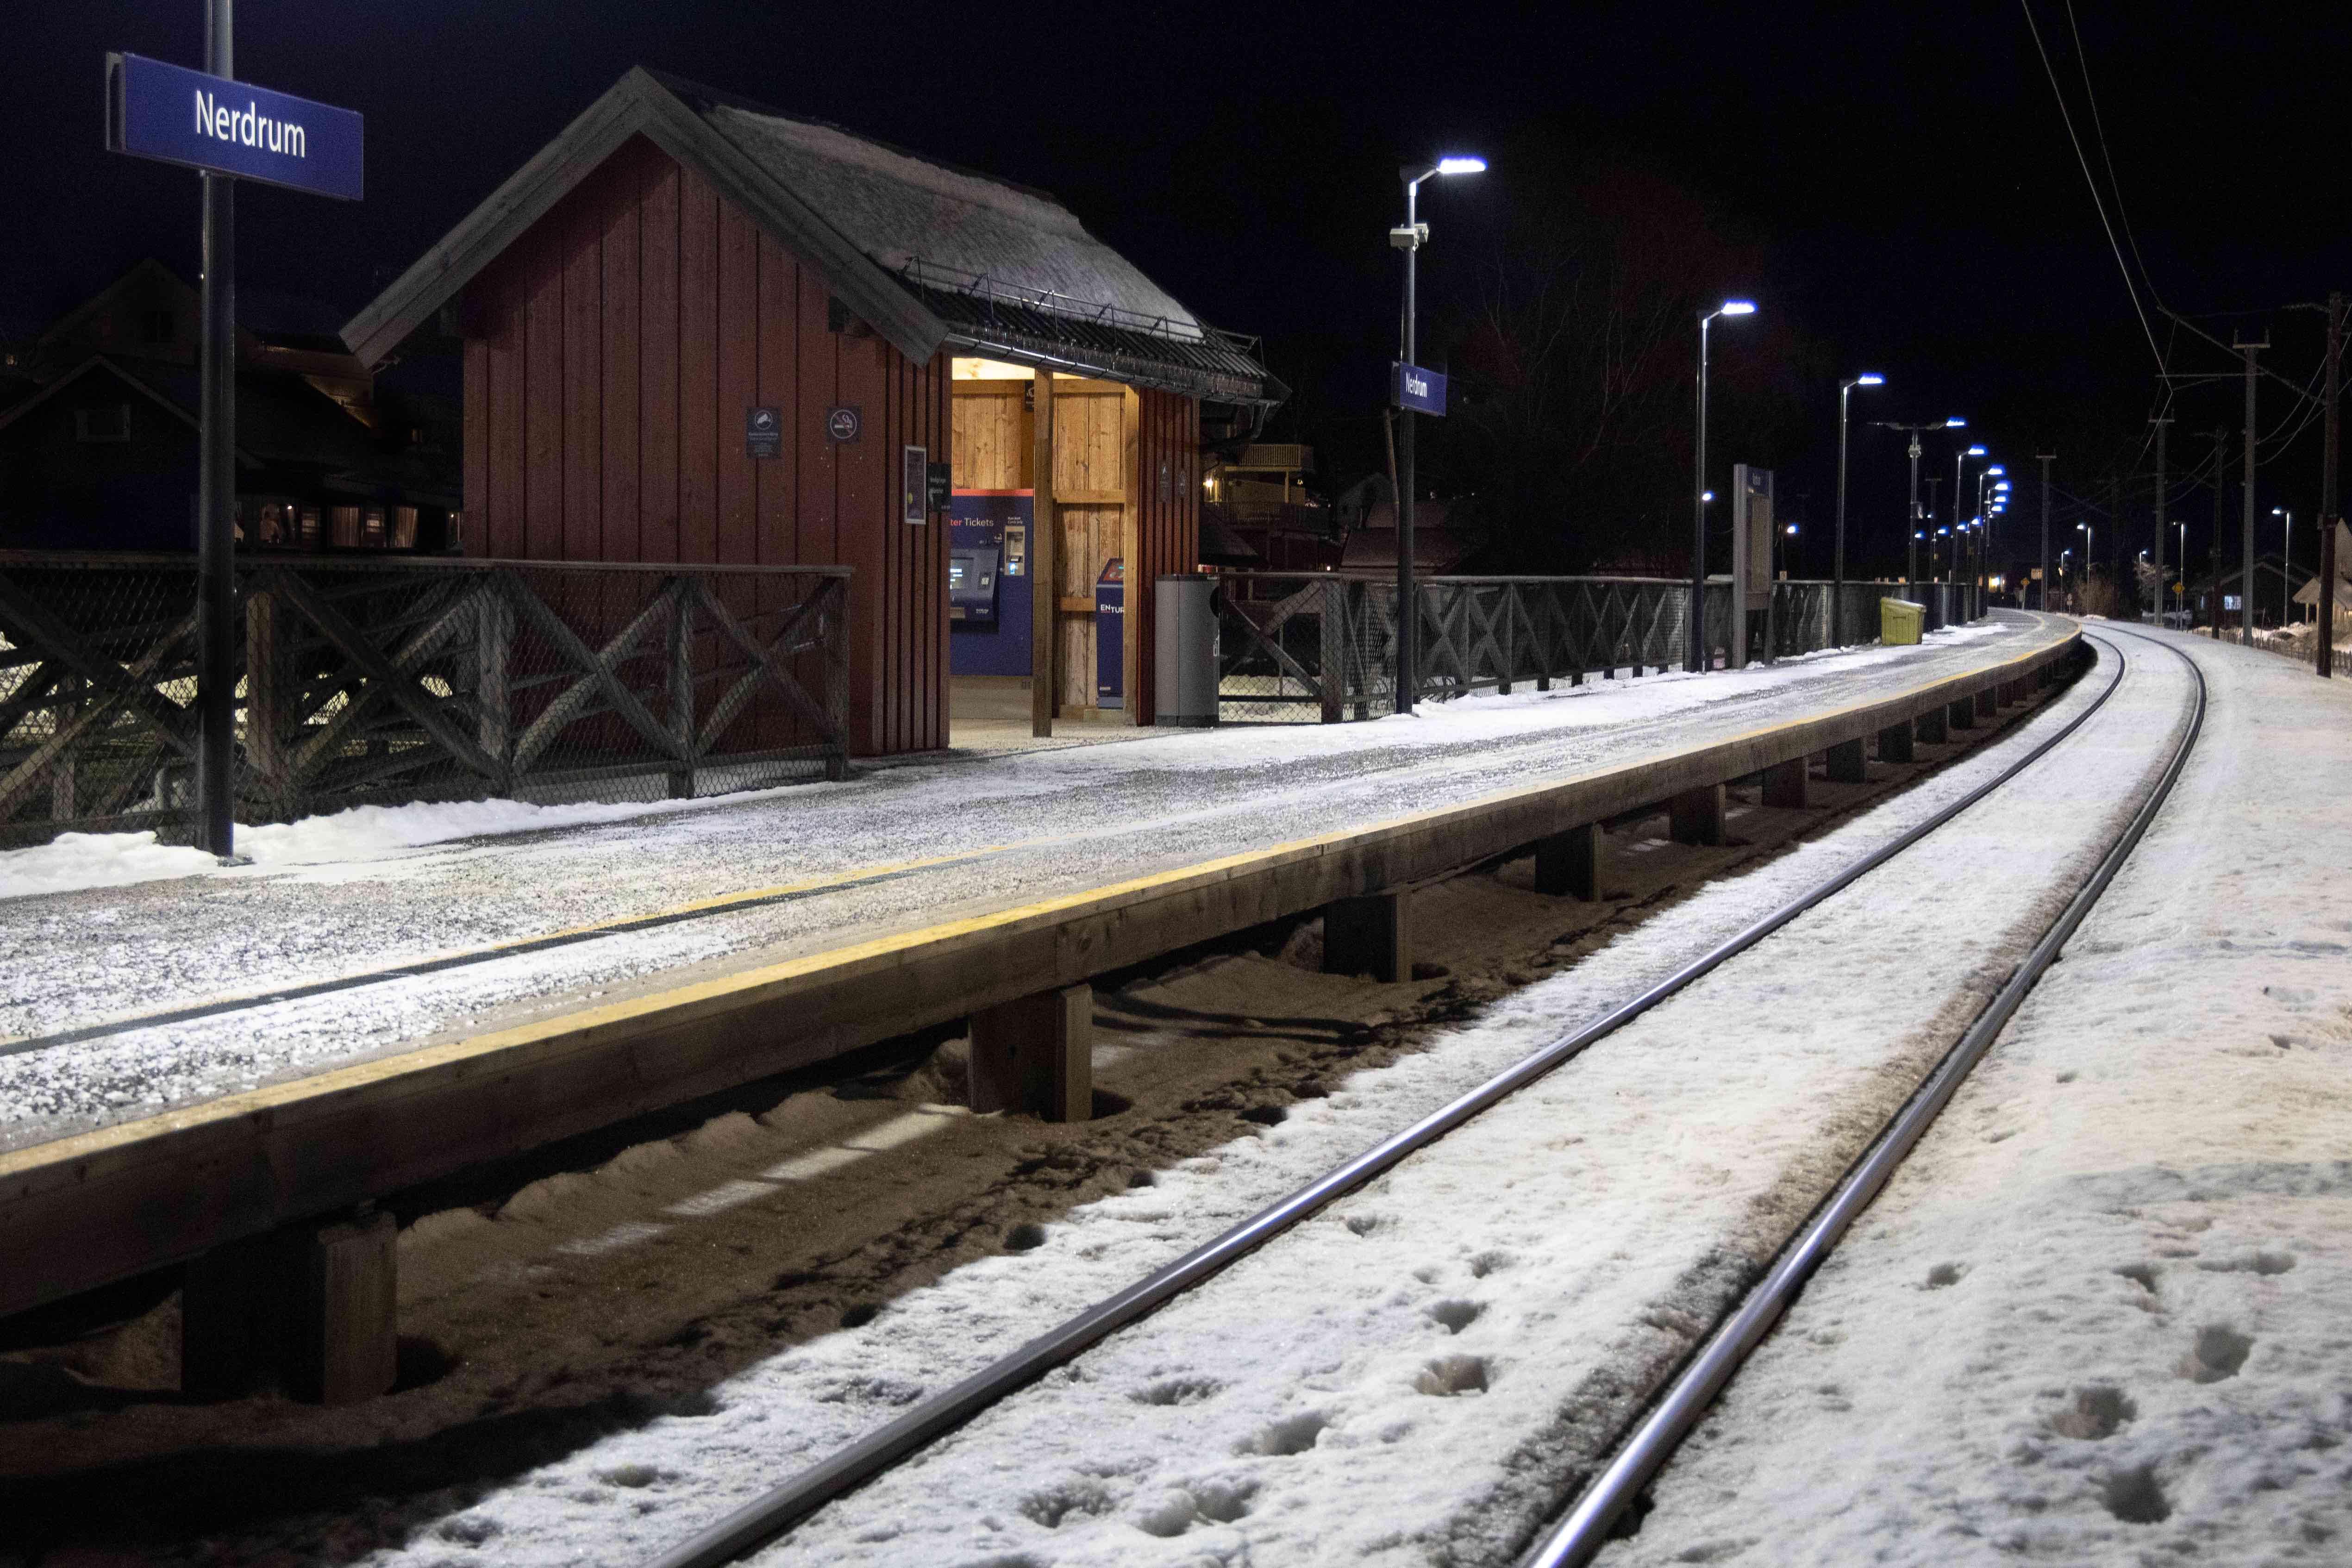 LED-Belysning på Nerdrum stasjon.